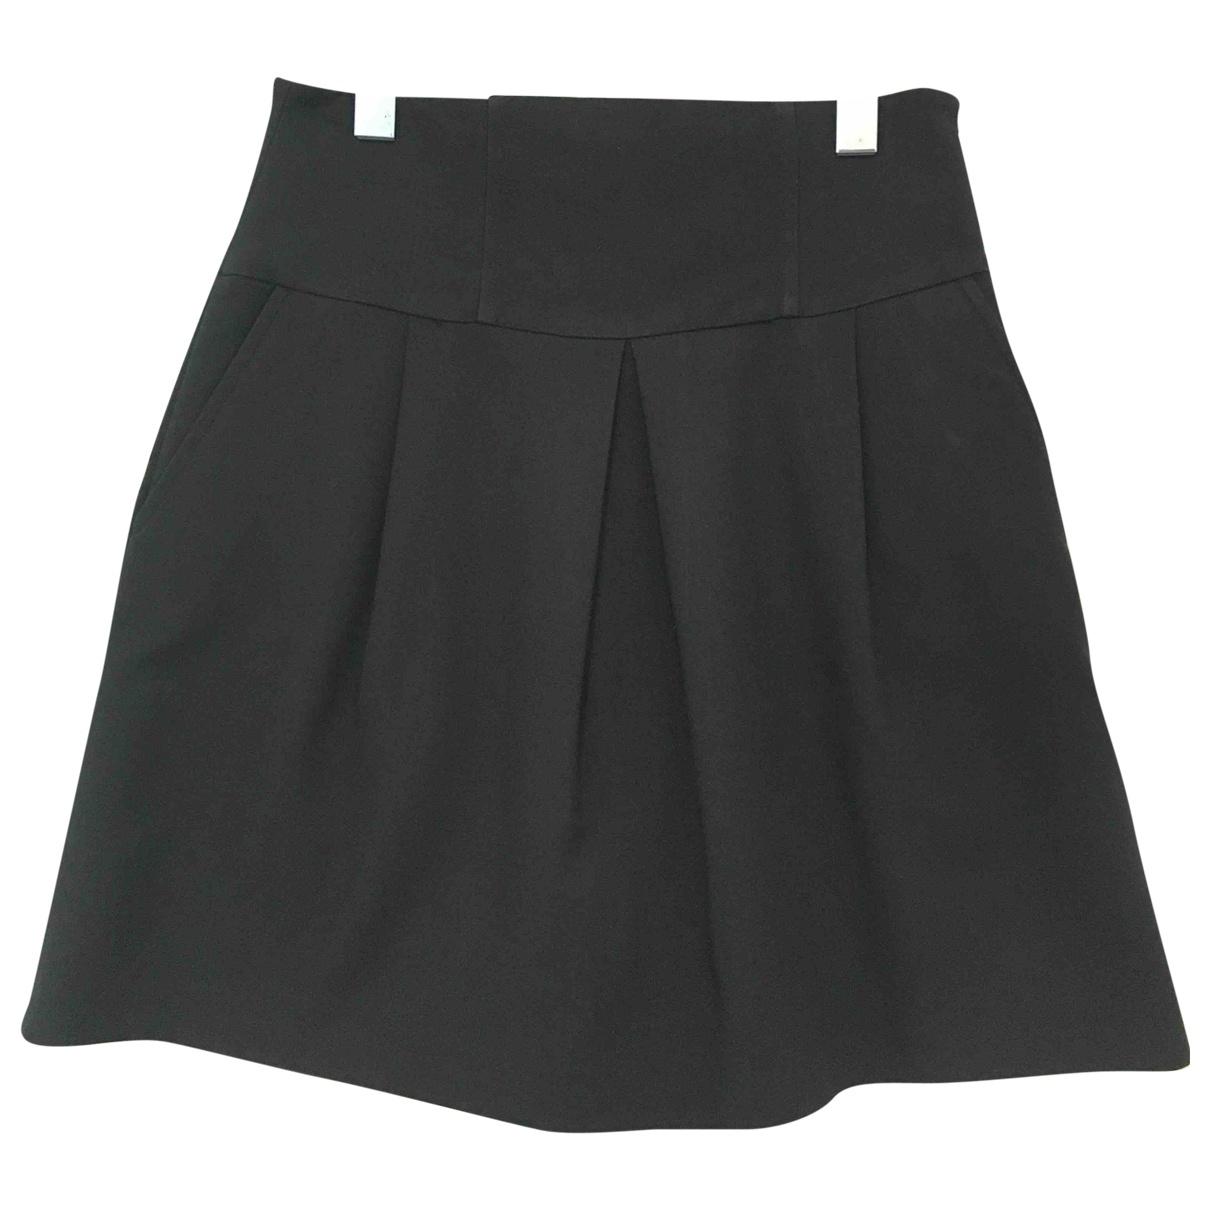 Zara \N Black Cotton skirt for Women 8 UK